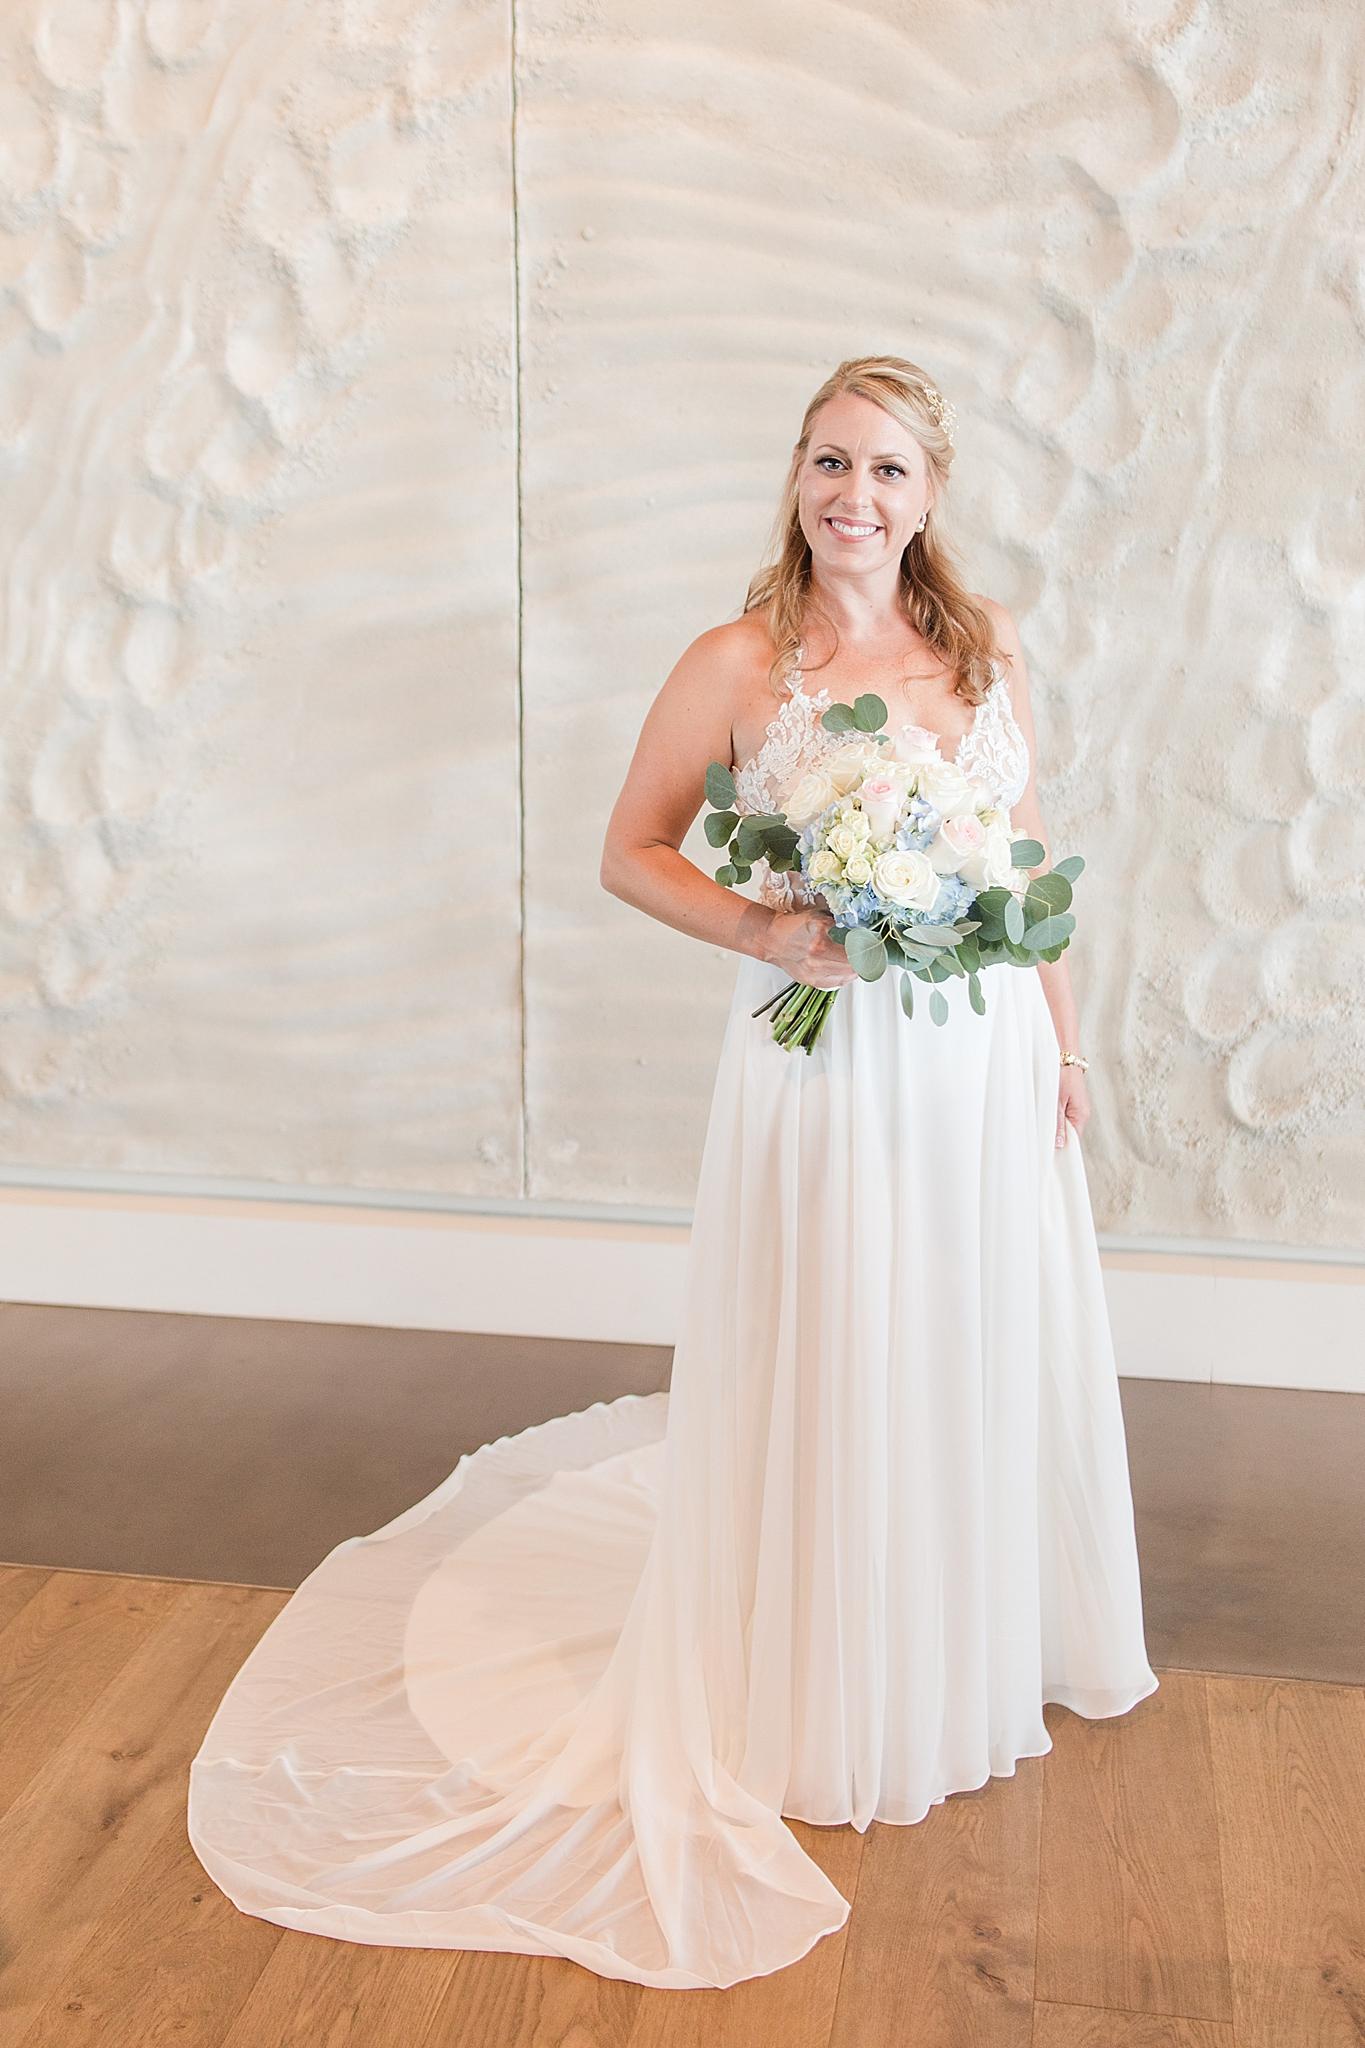 Alabama bridal portraits for beach wedding